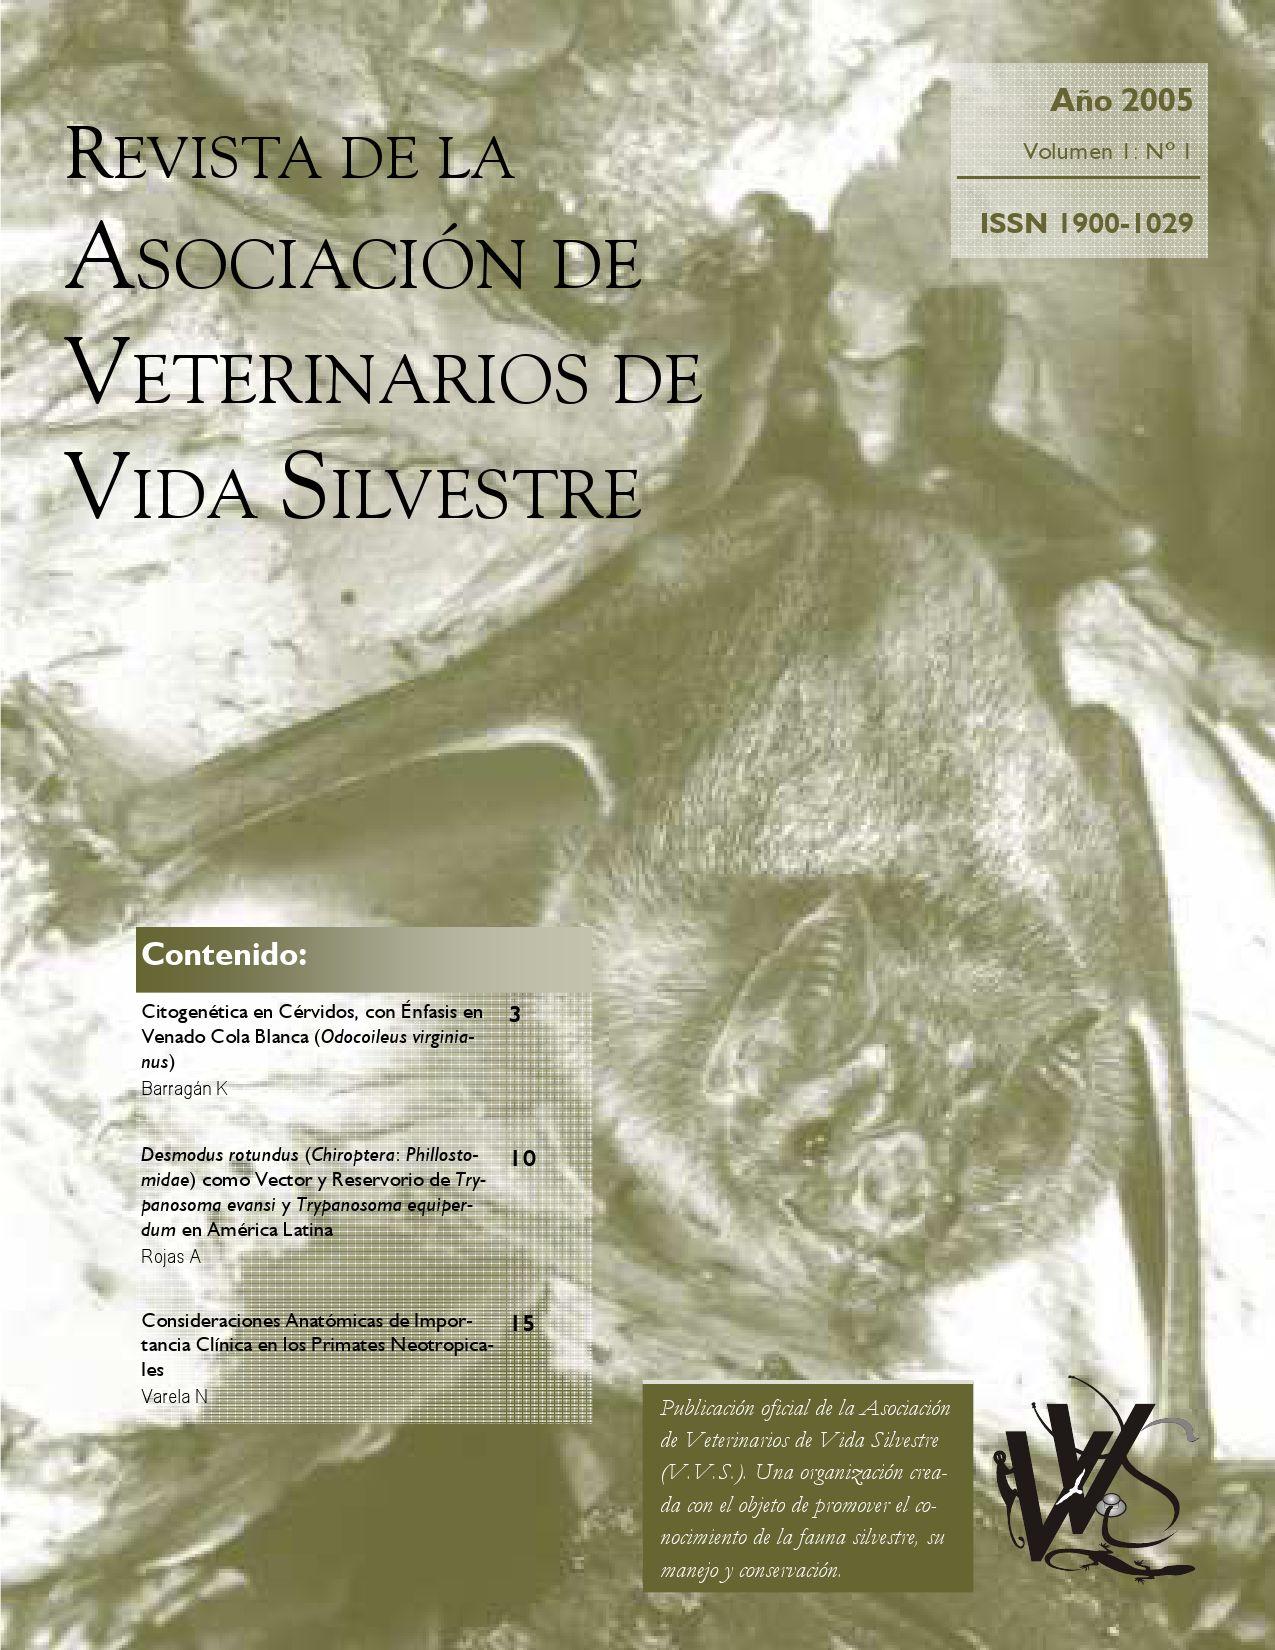 Rev. Aso. Vet. Vida Silv. 2005, 1: 1 by Veterinarios de Vida ...